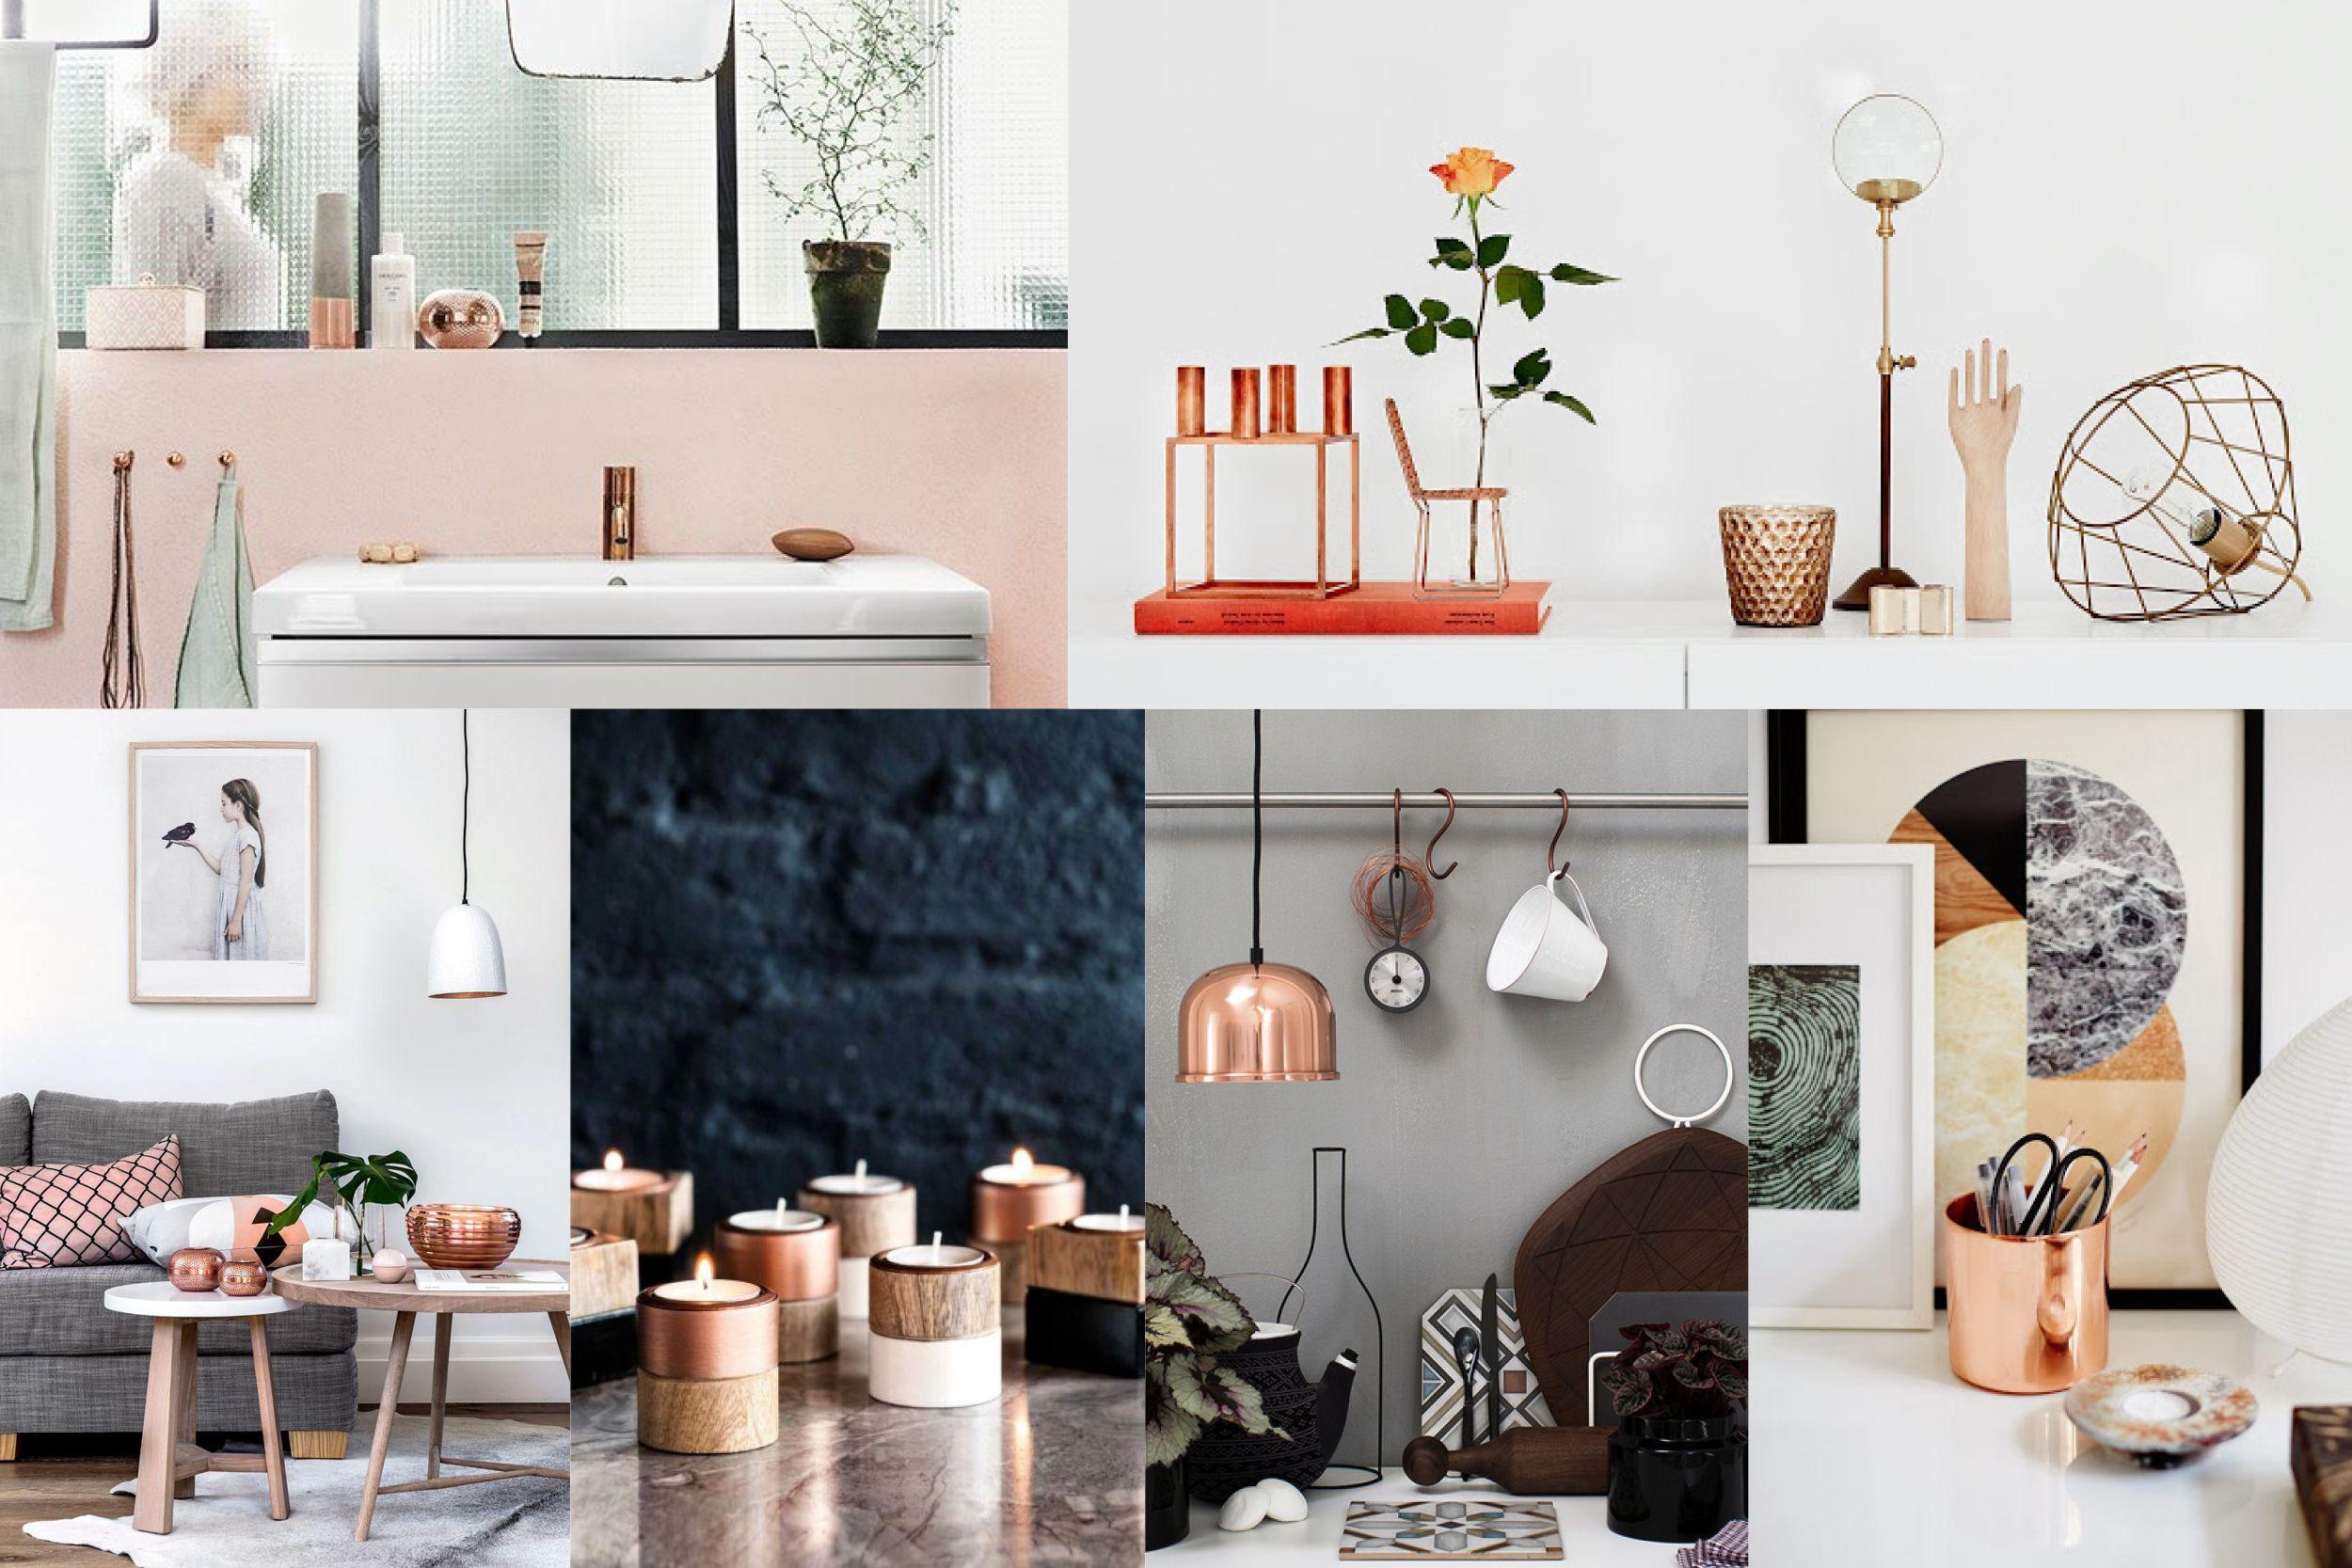 la tendance cuivre et laiton en d coration s a l o n s. Black Bedroom Furniture Sets. Home Design Ideas